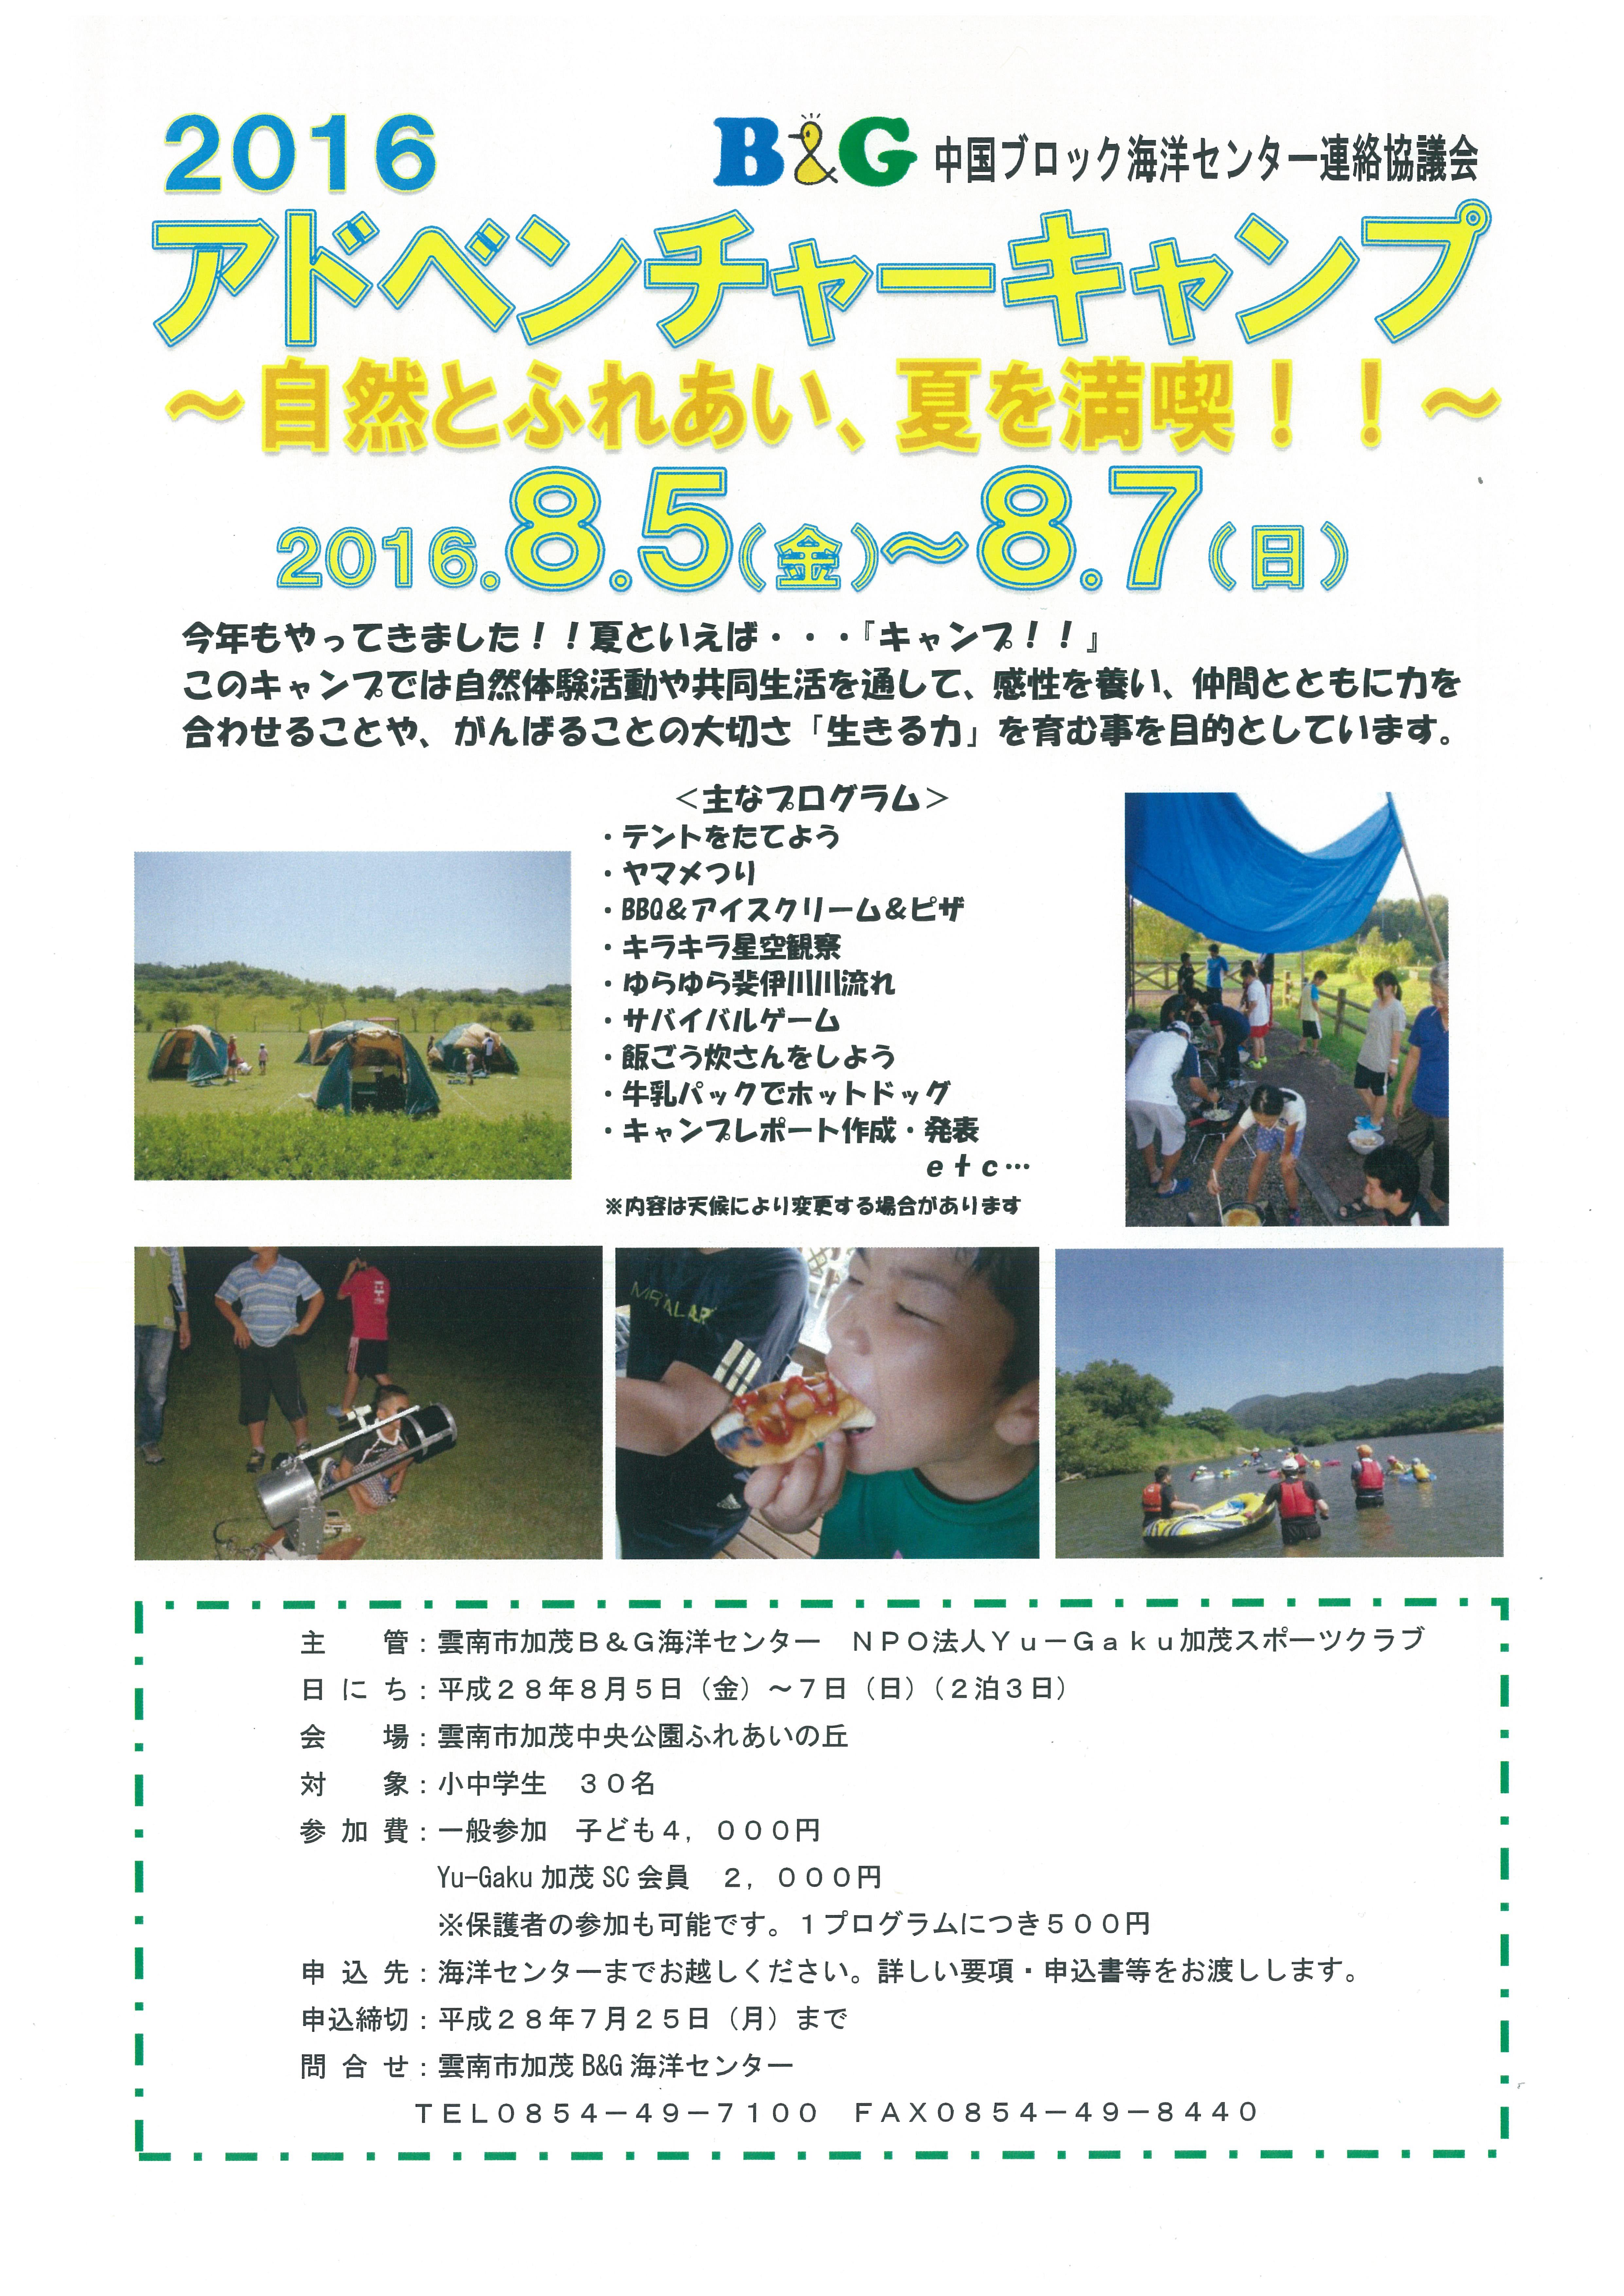 アドベンチャーキャンプ~自然とふれあい、夏を満喫!!~